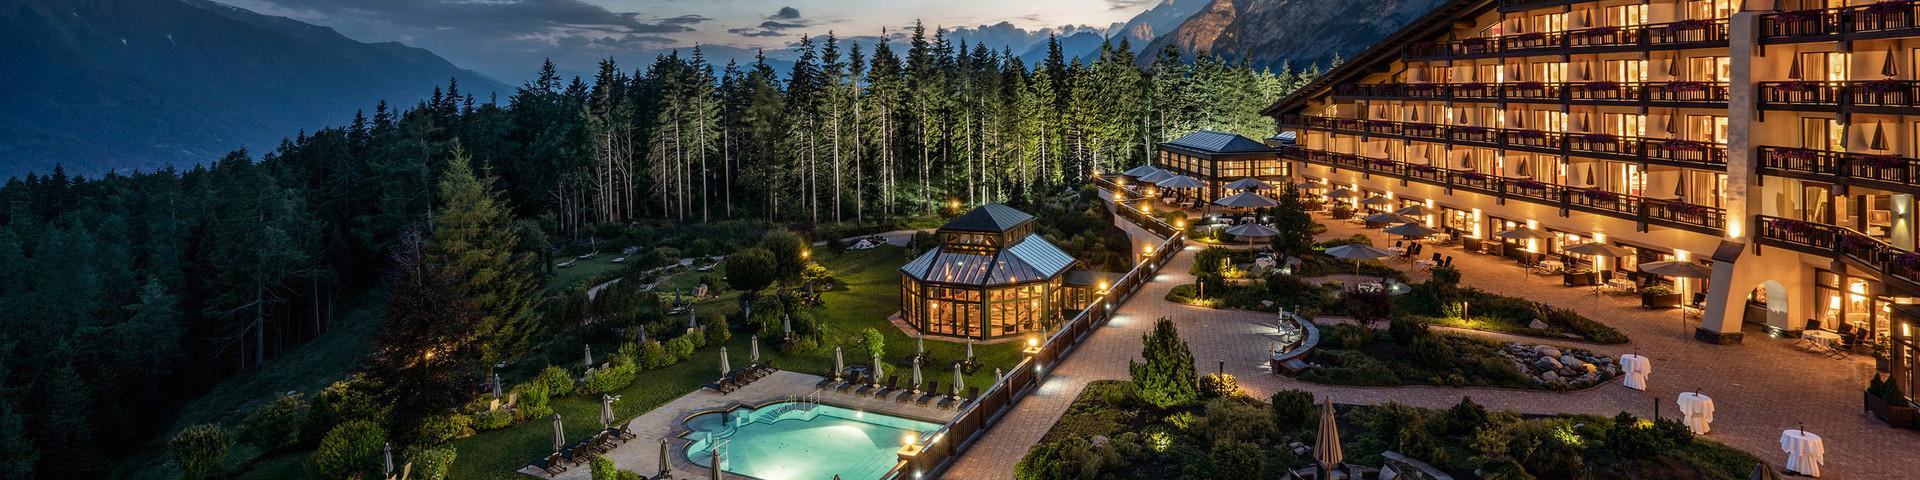 Interalpen-Hotel Tyrol - Aussenansicht Nacht © Interalpen-Hotel Tyrol